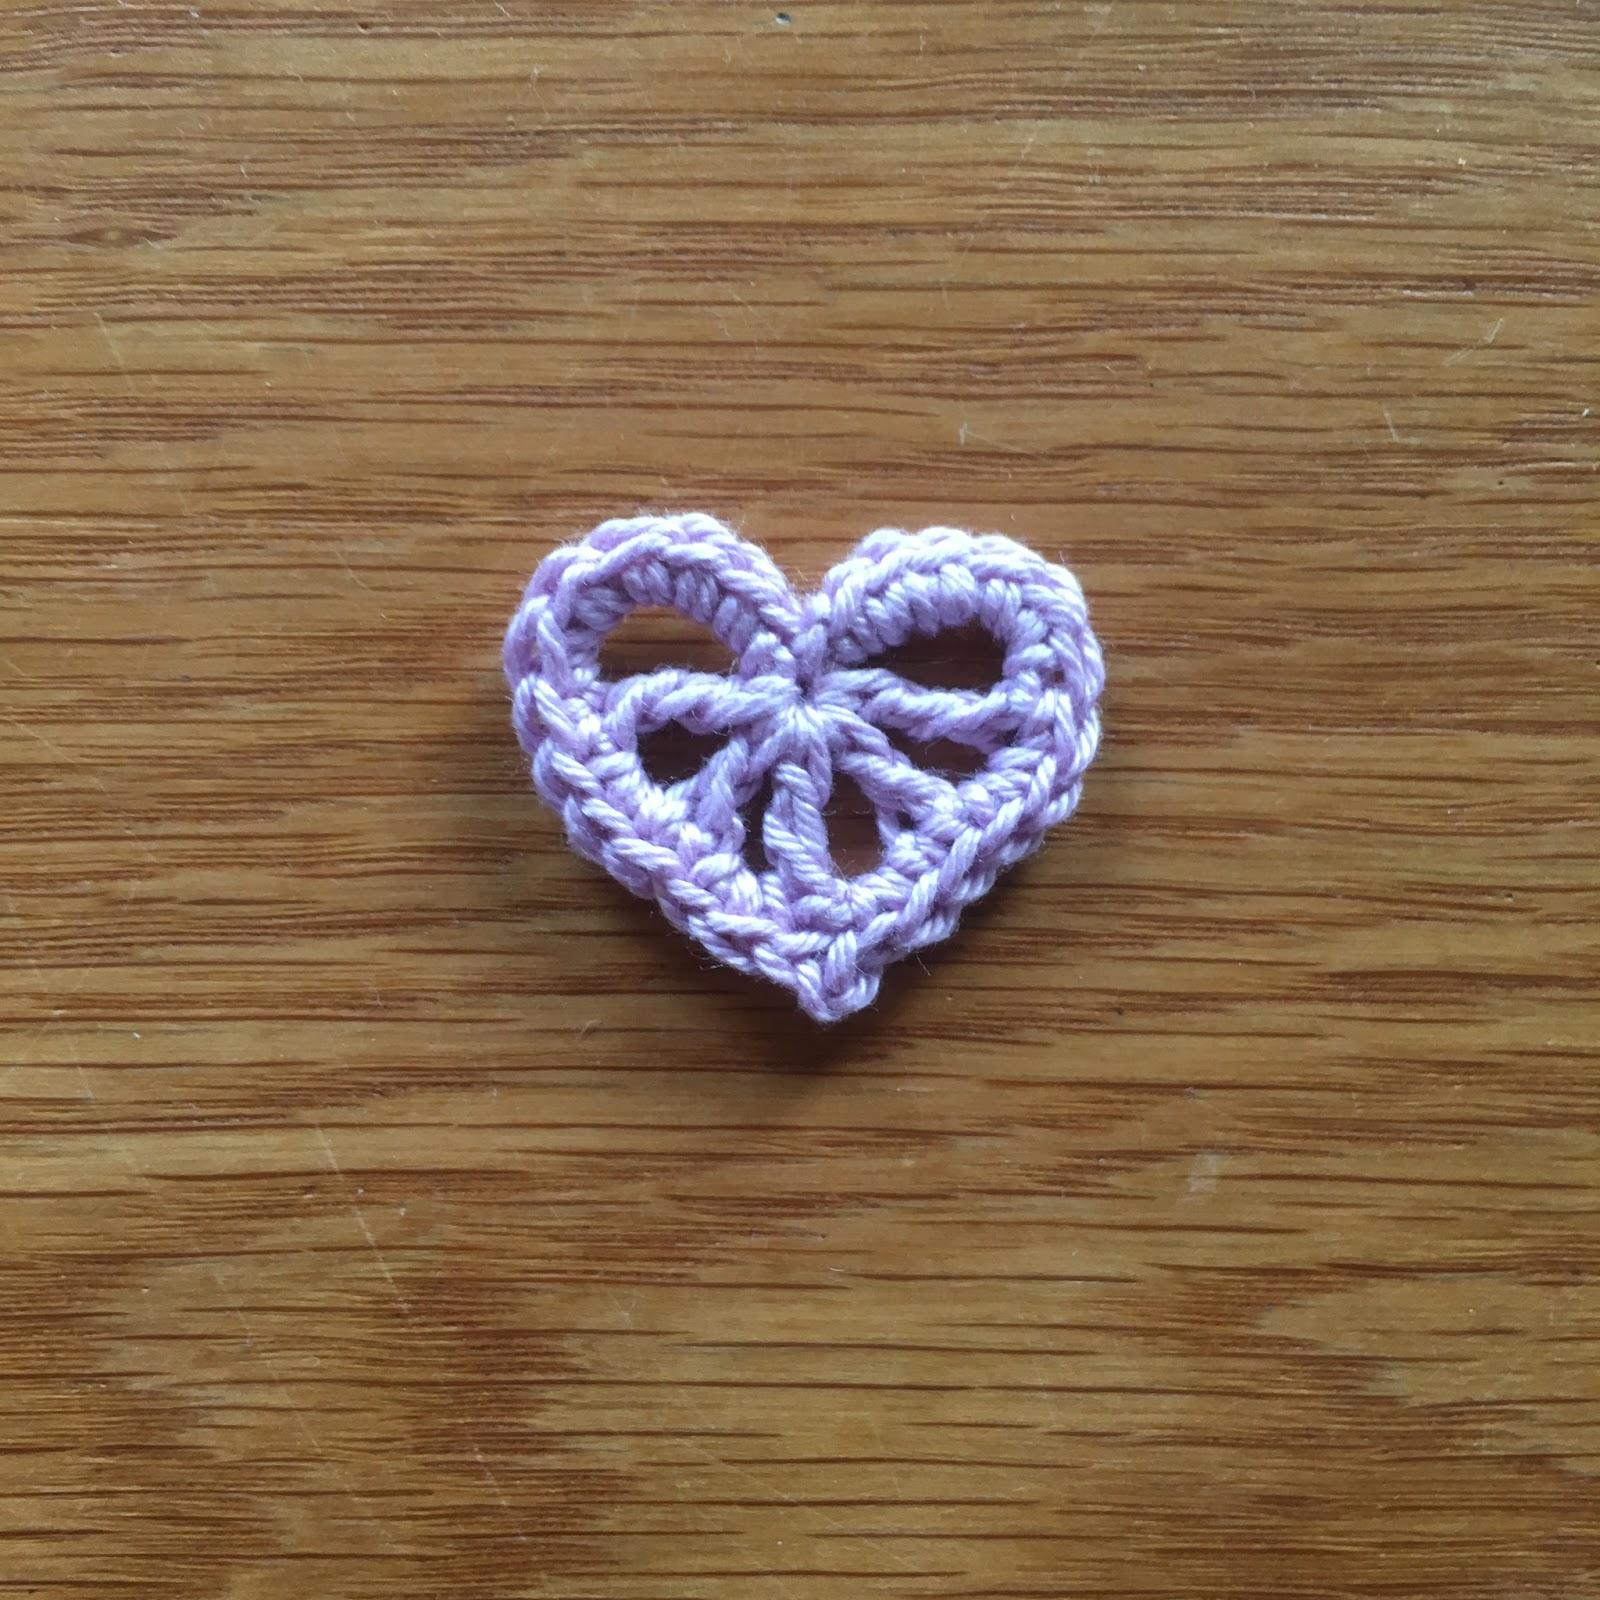 Decorative Hearts In The Yarn Garden Heart Shape Crochet Pattern Diagram